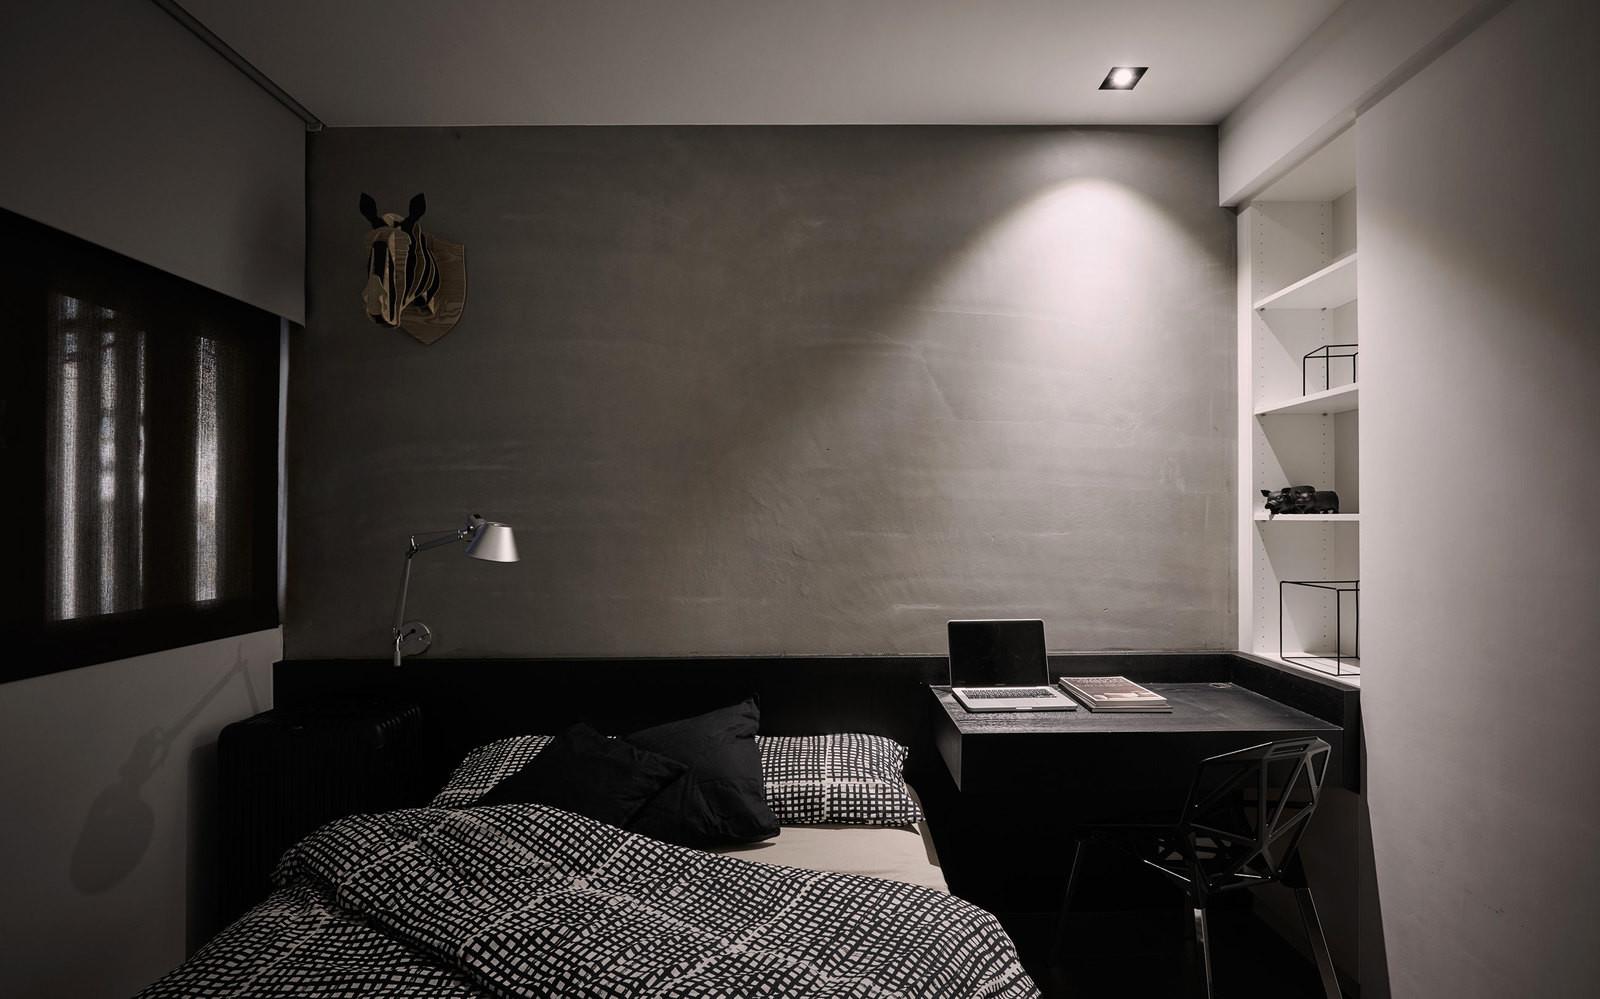 etaj-ot-kashta-s-moderen-i-prostoren-interioren-dizain-120-8g